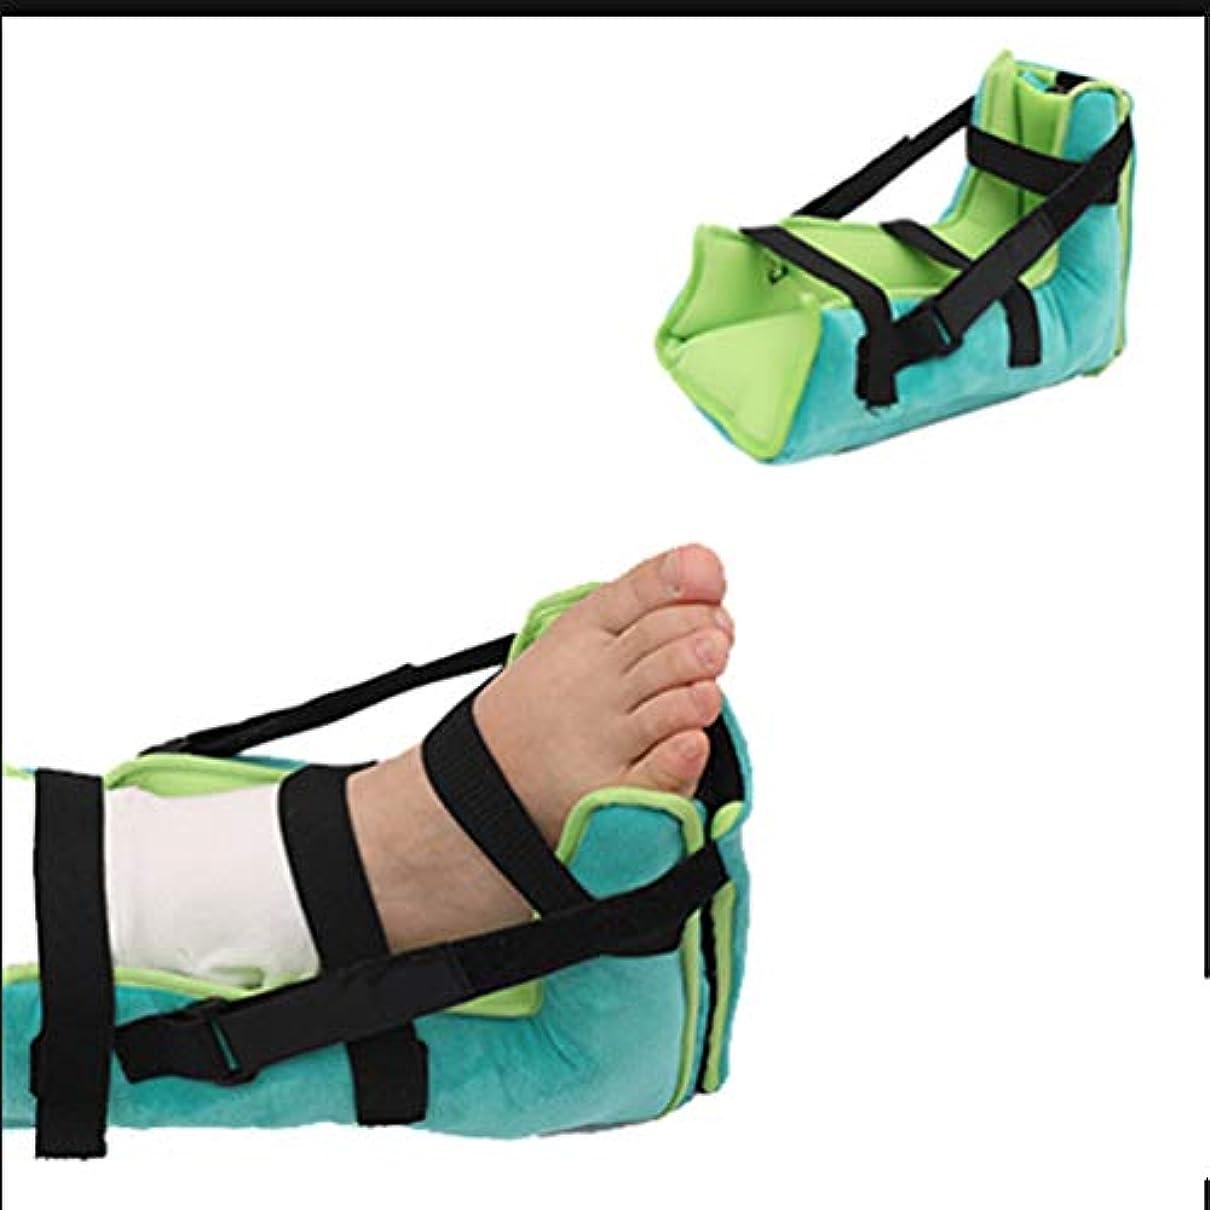 浮く安全笑柔らかい快適なかかと保護足枕反Anti瘡かかとプロテクターオープン足ドループ装具減圧ストローク反足保護スリーブ